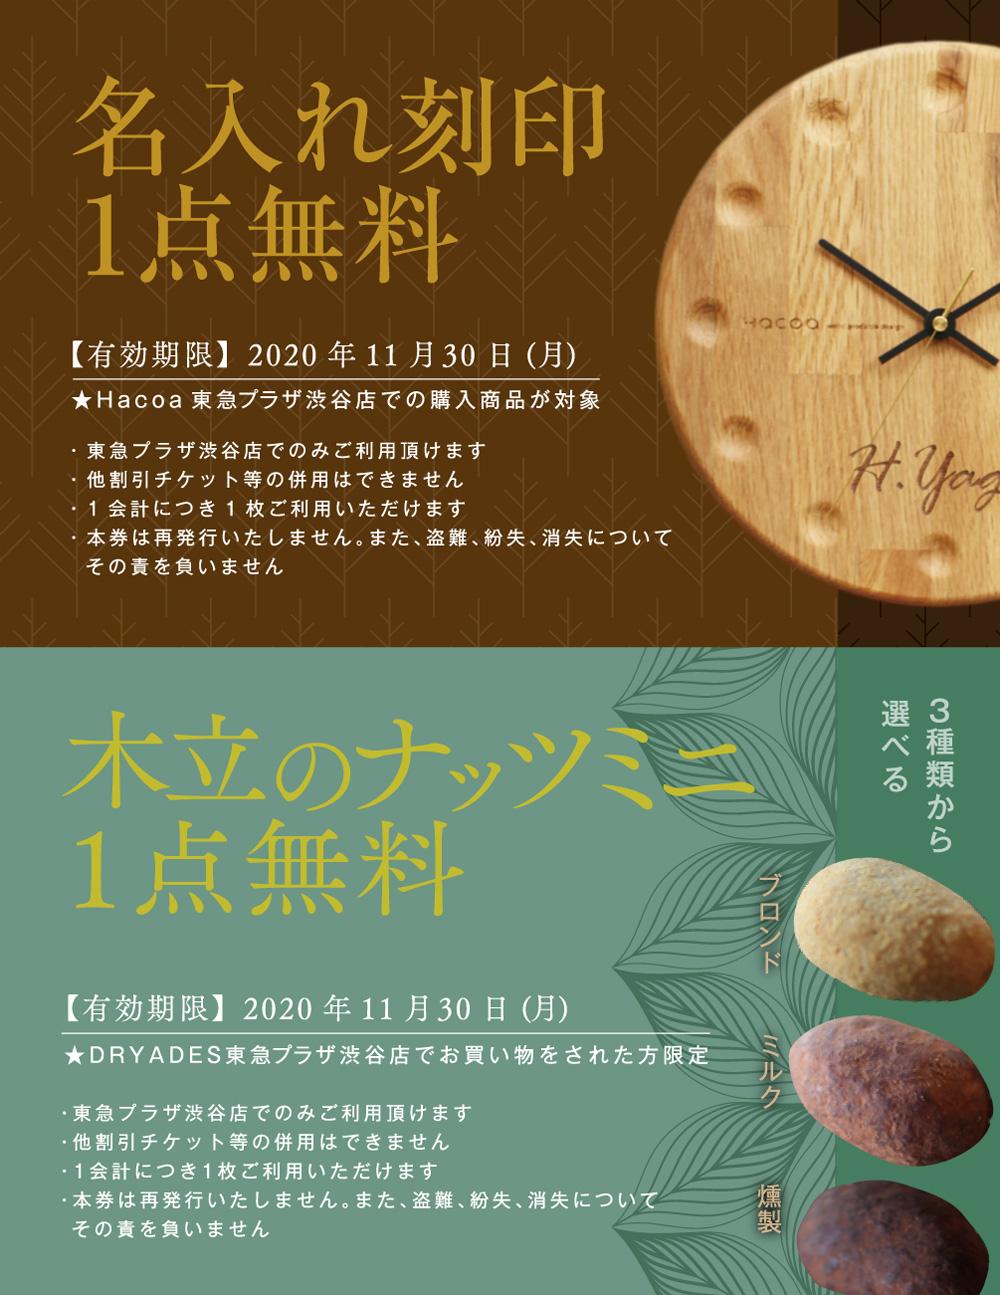 Hacoa × DRYADES 渋谷店限定!相互利用キャンペーン